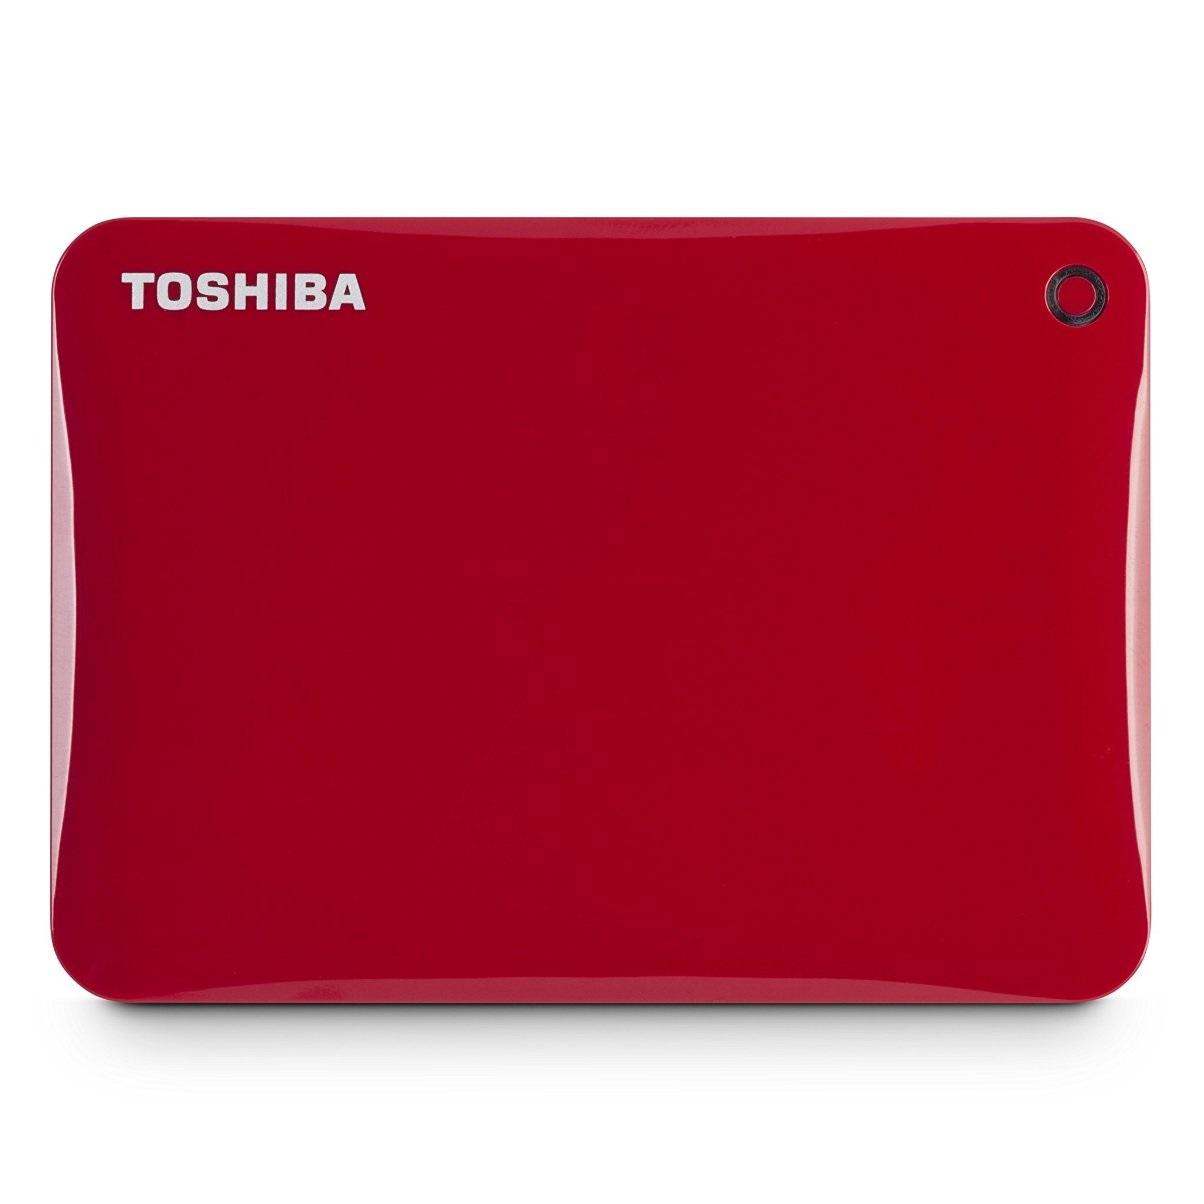 Ổ cứng di động Toshiba Canvio connect II 500Gb USB3.0 Đỏ